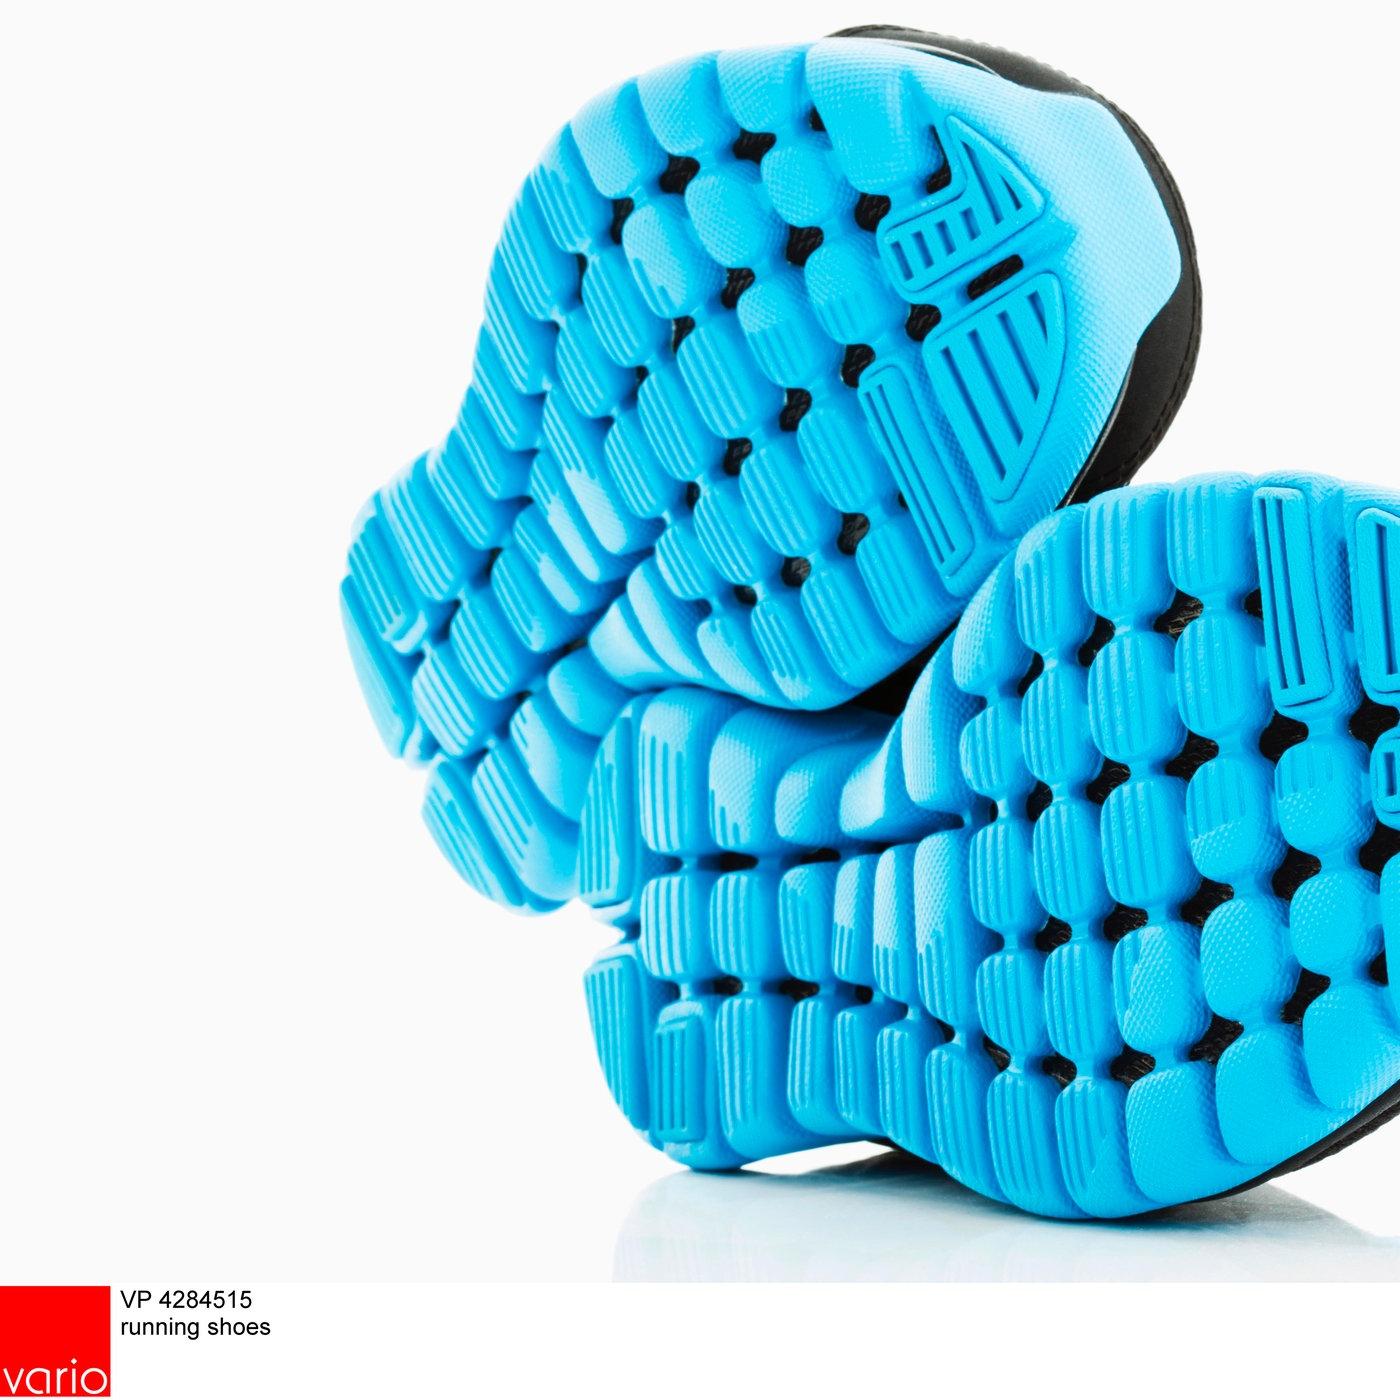 Schuhe: Sportschuhe Mode Gesellschaft Planet Wissen